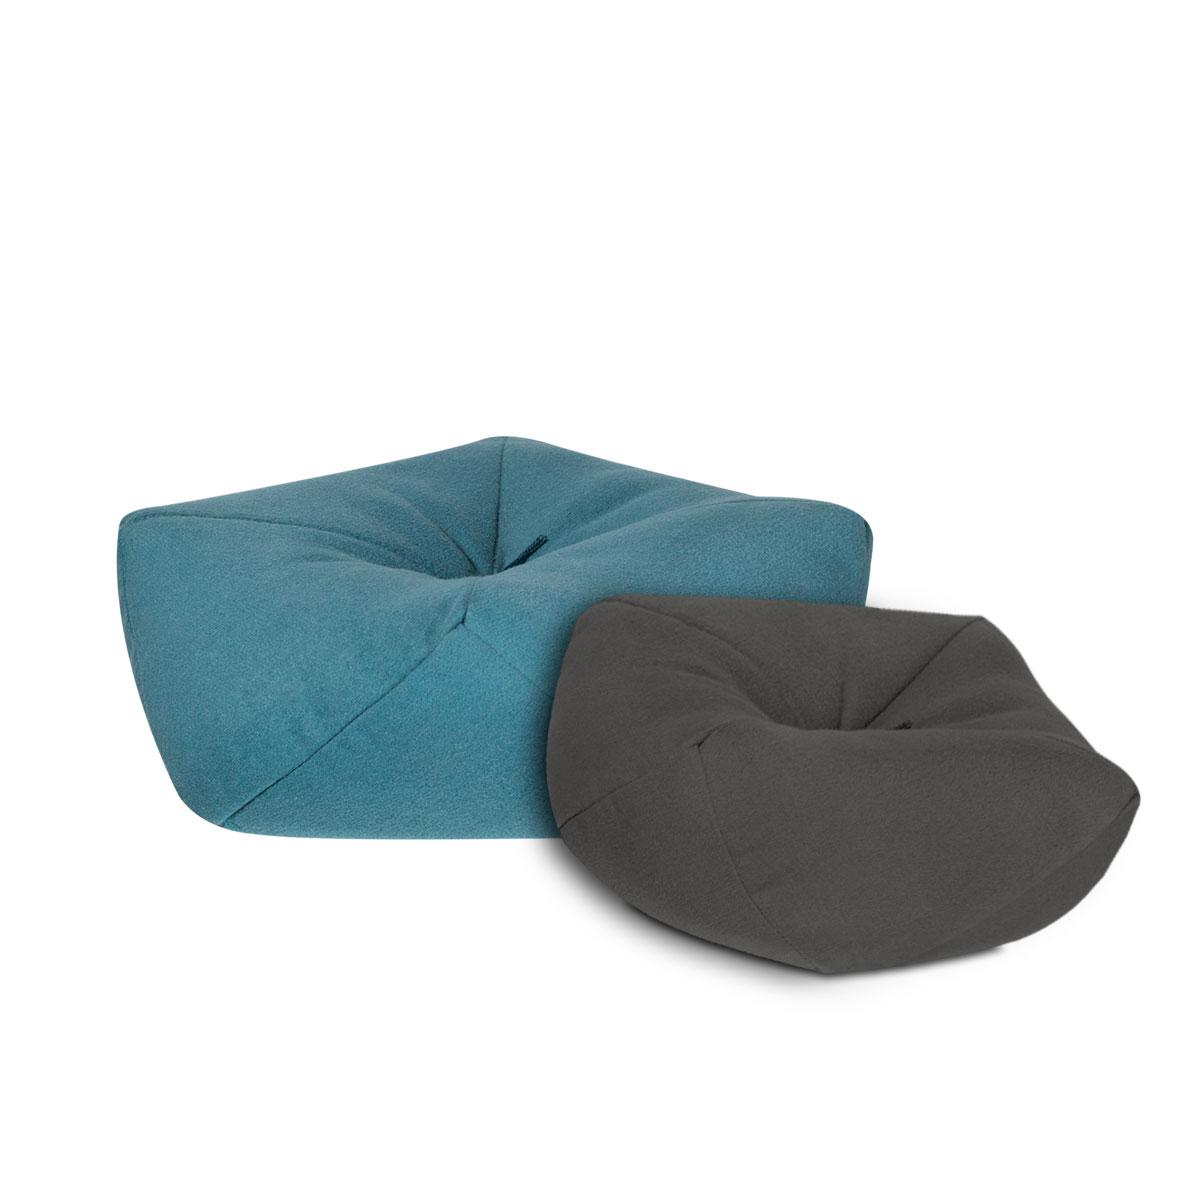 almofadas em feltro